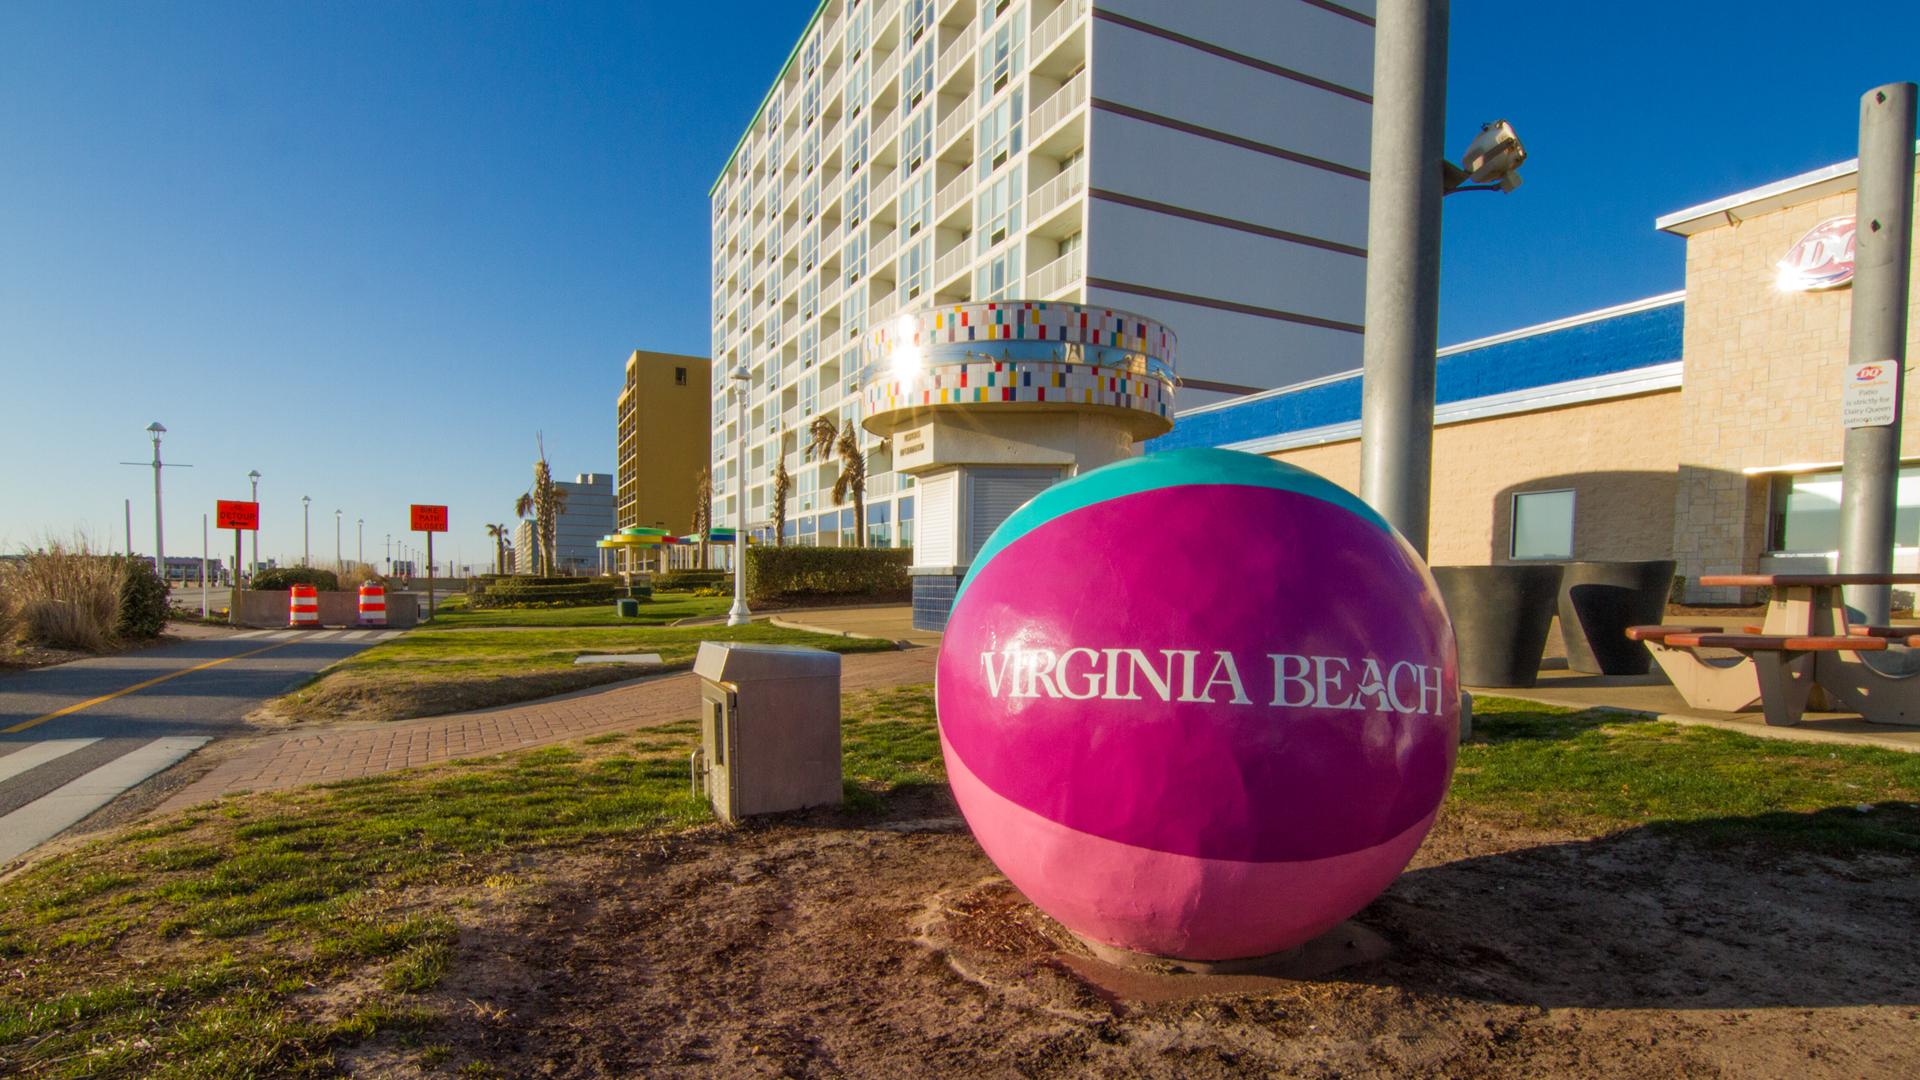 Virginia Beach Oceanfront Giant Beach Ball generic